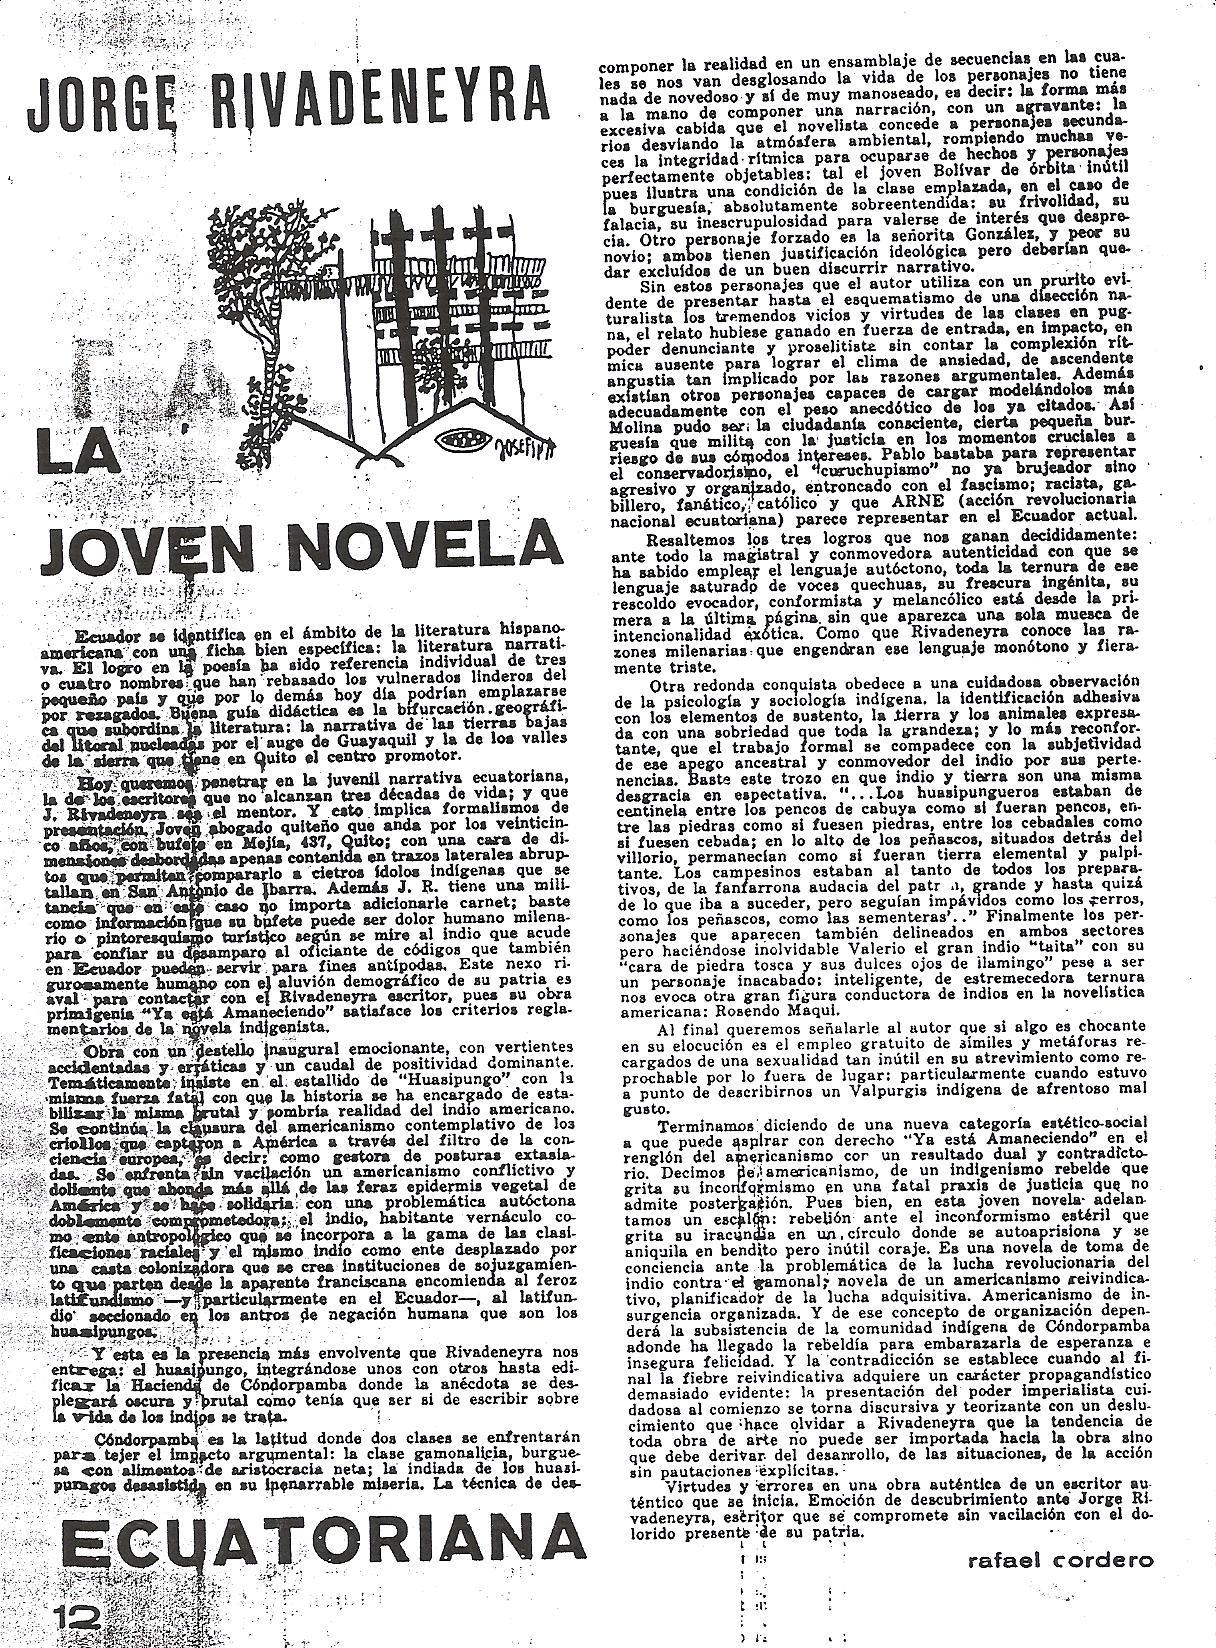 La joven novela ecuatoriana 7